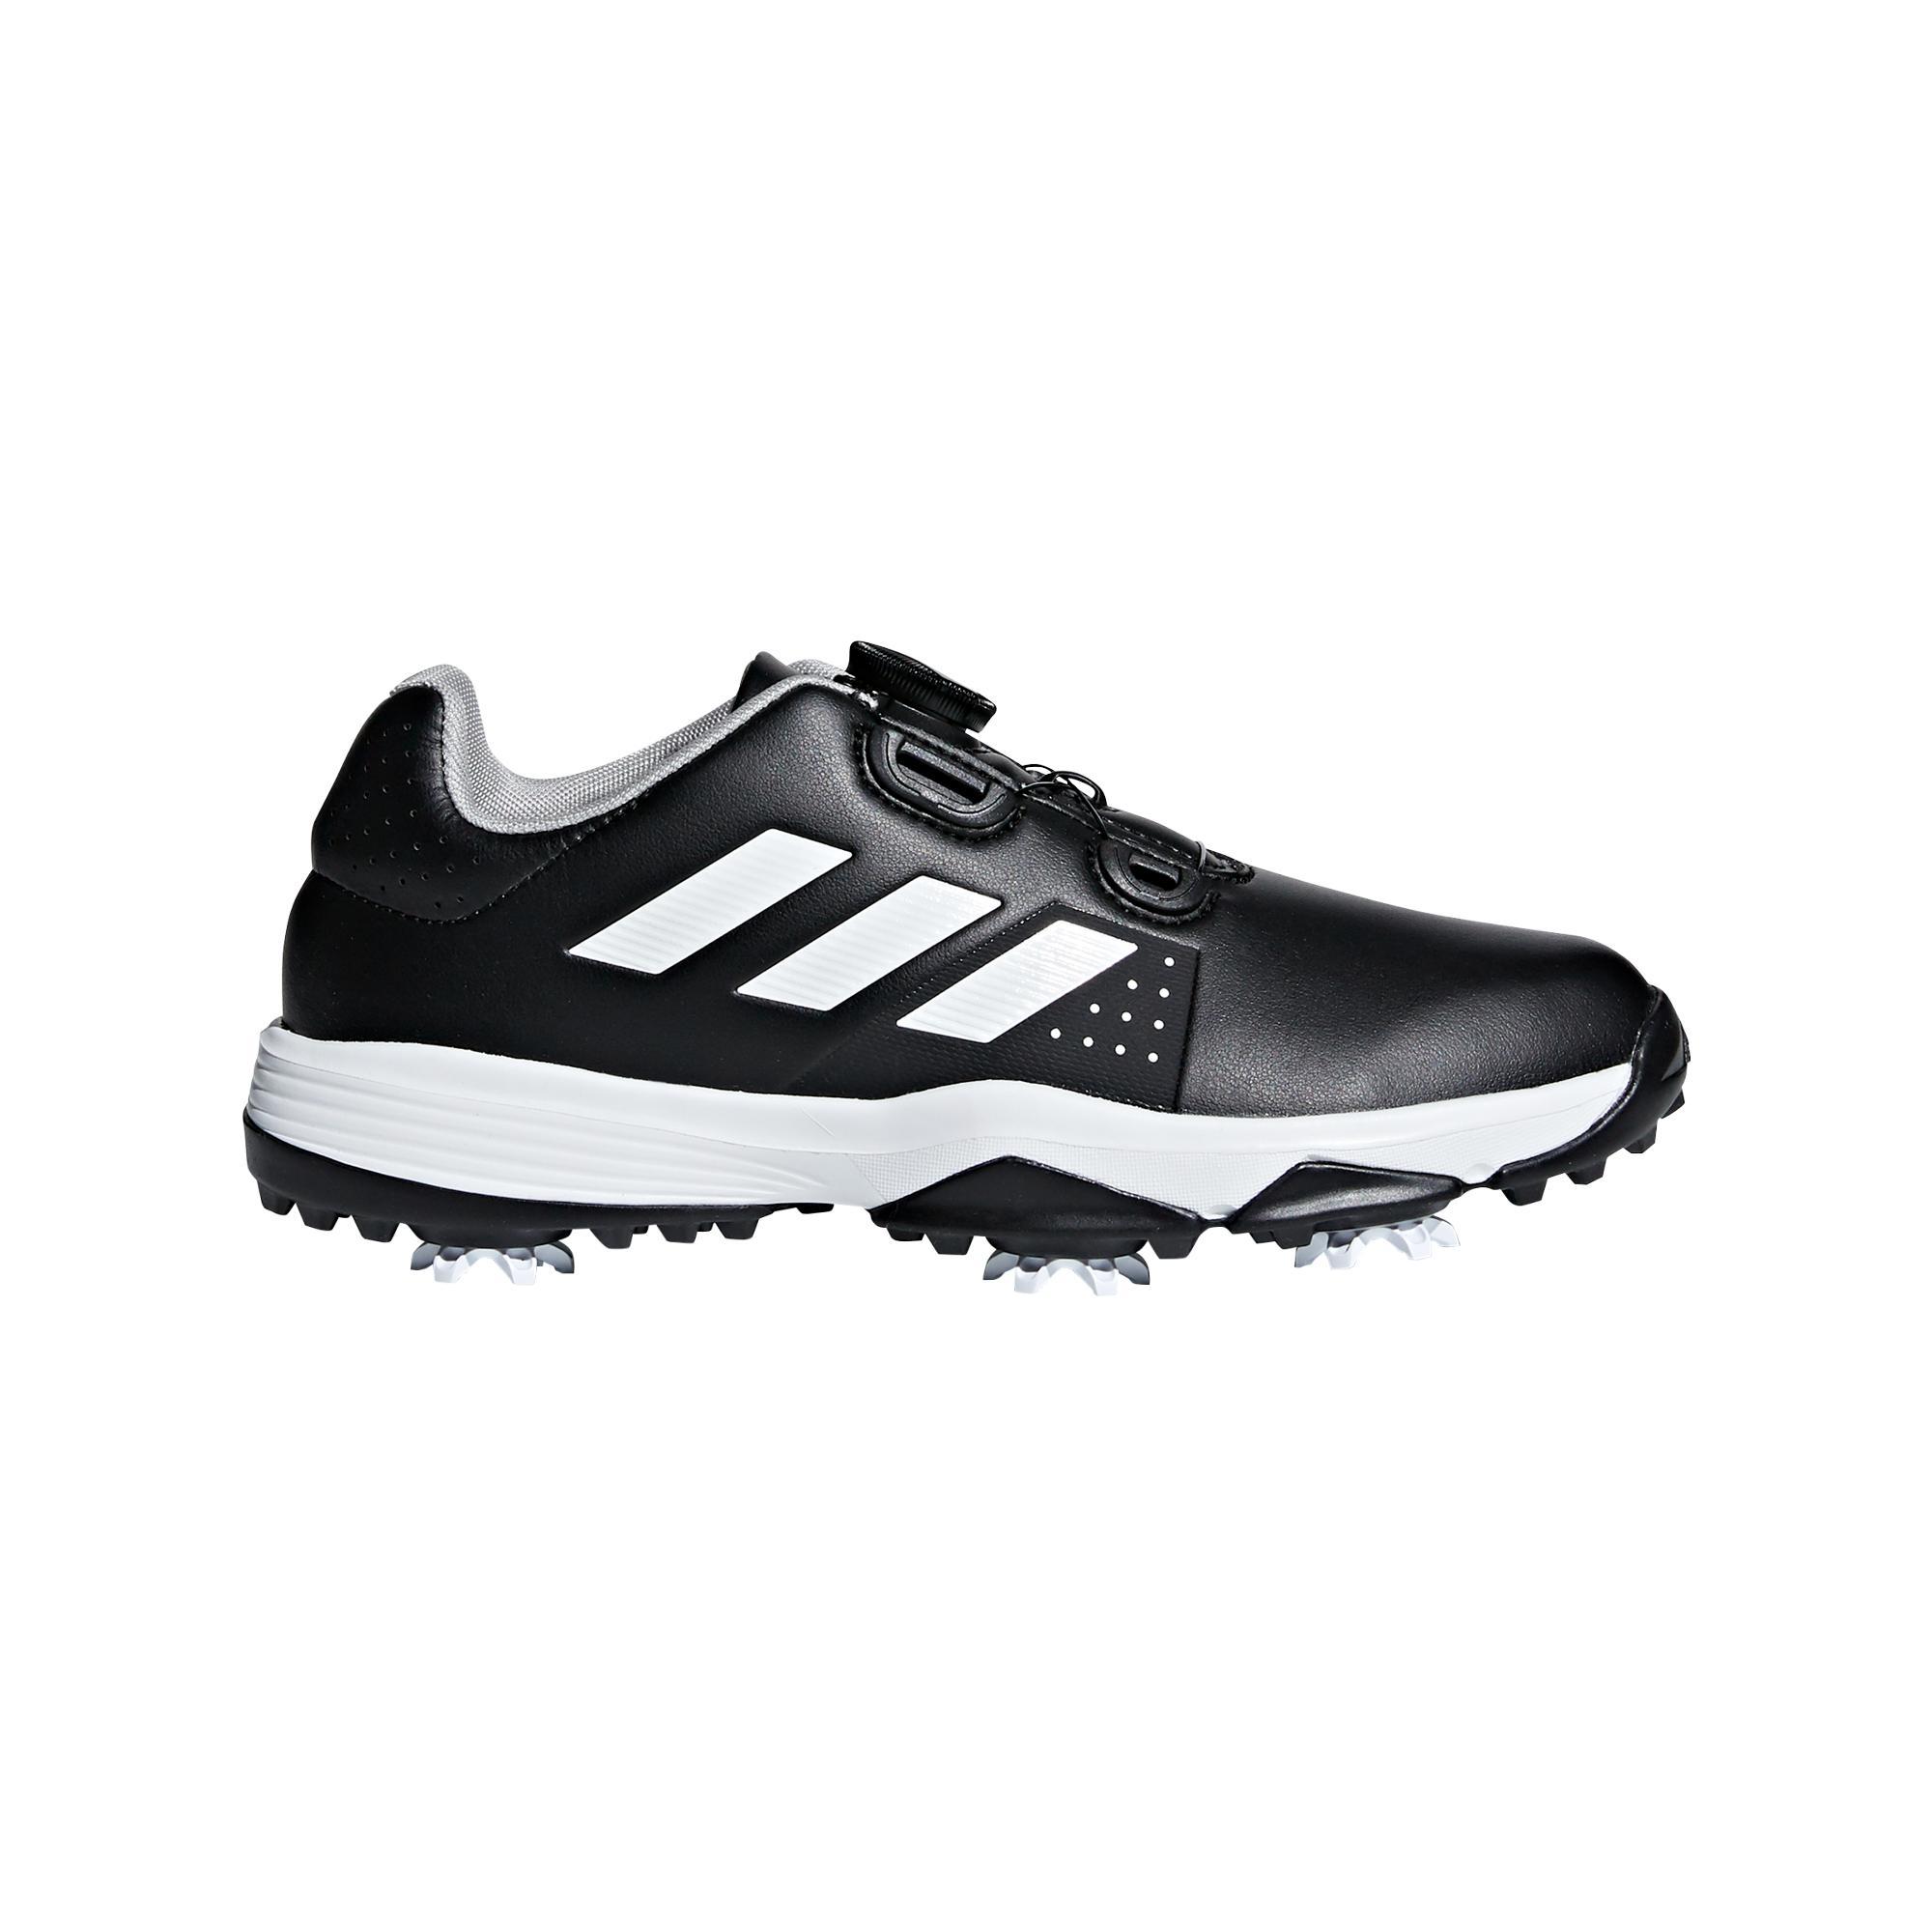 Chaussures Adipower Boa à crampons pour juniors - Noir